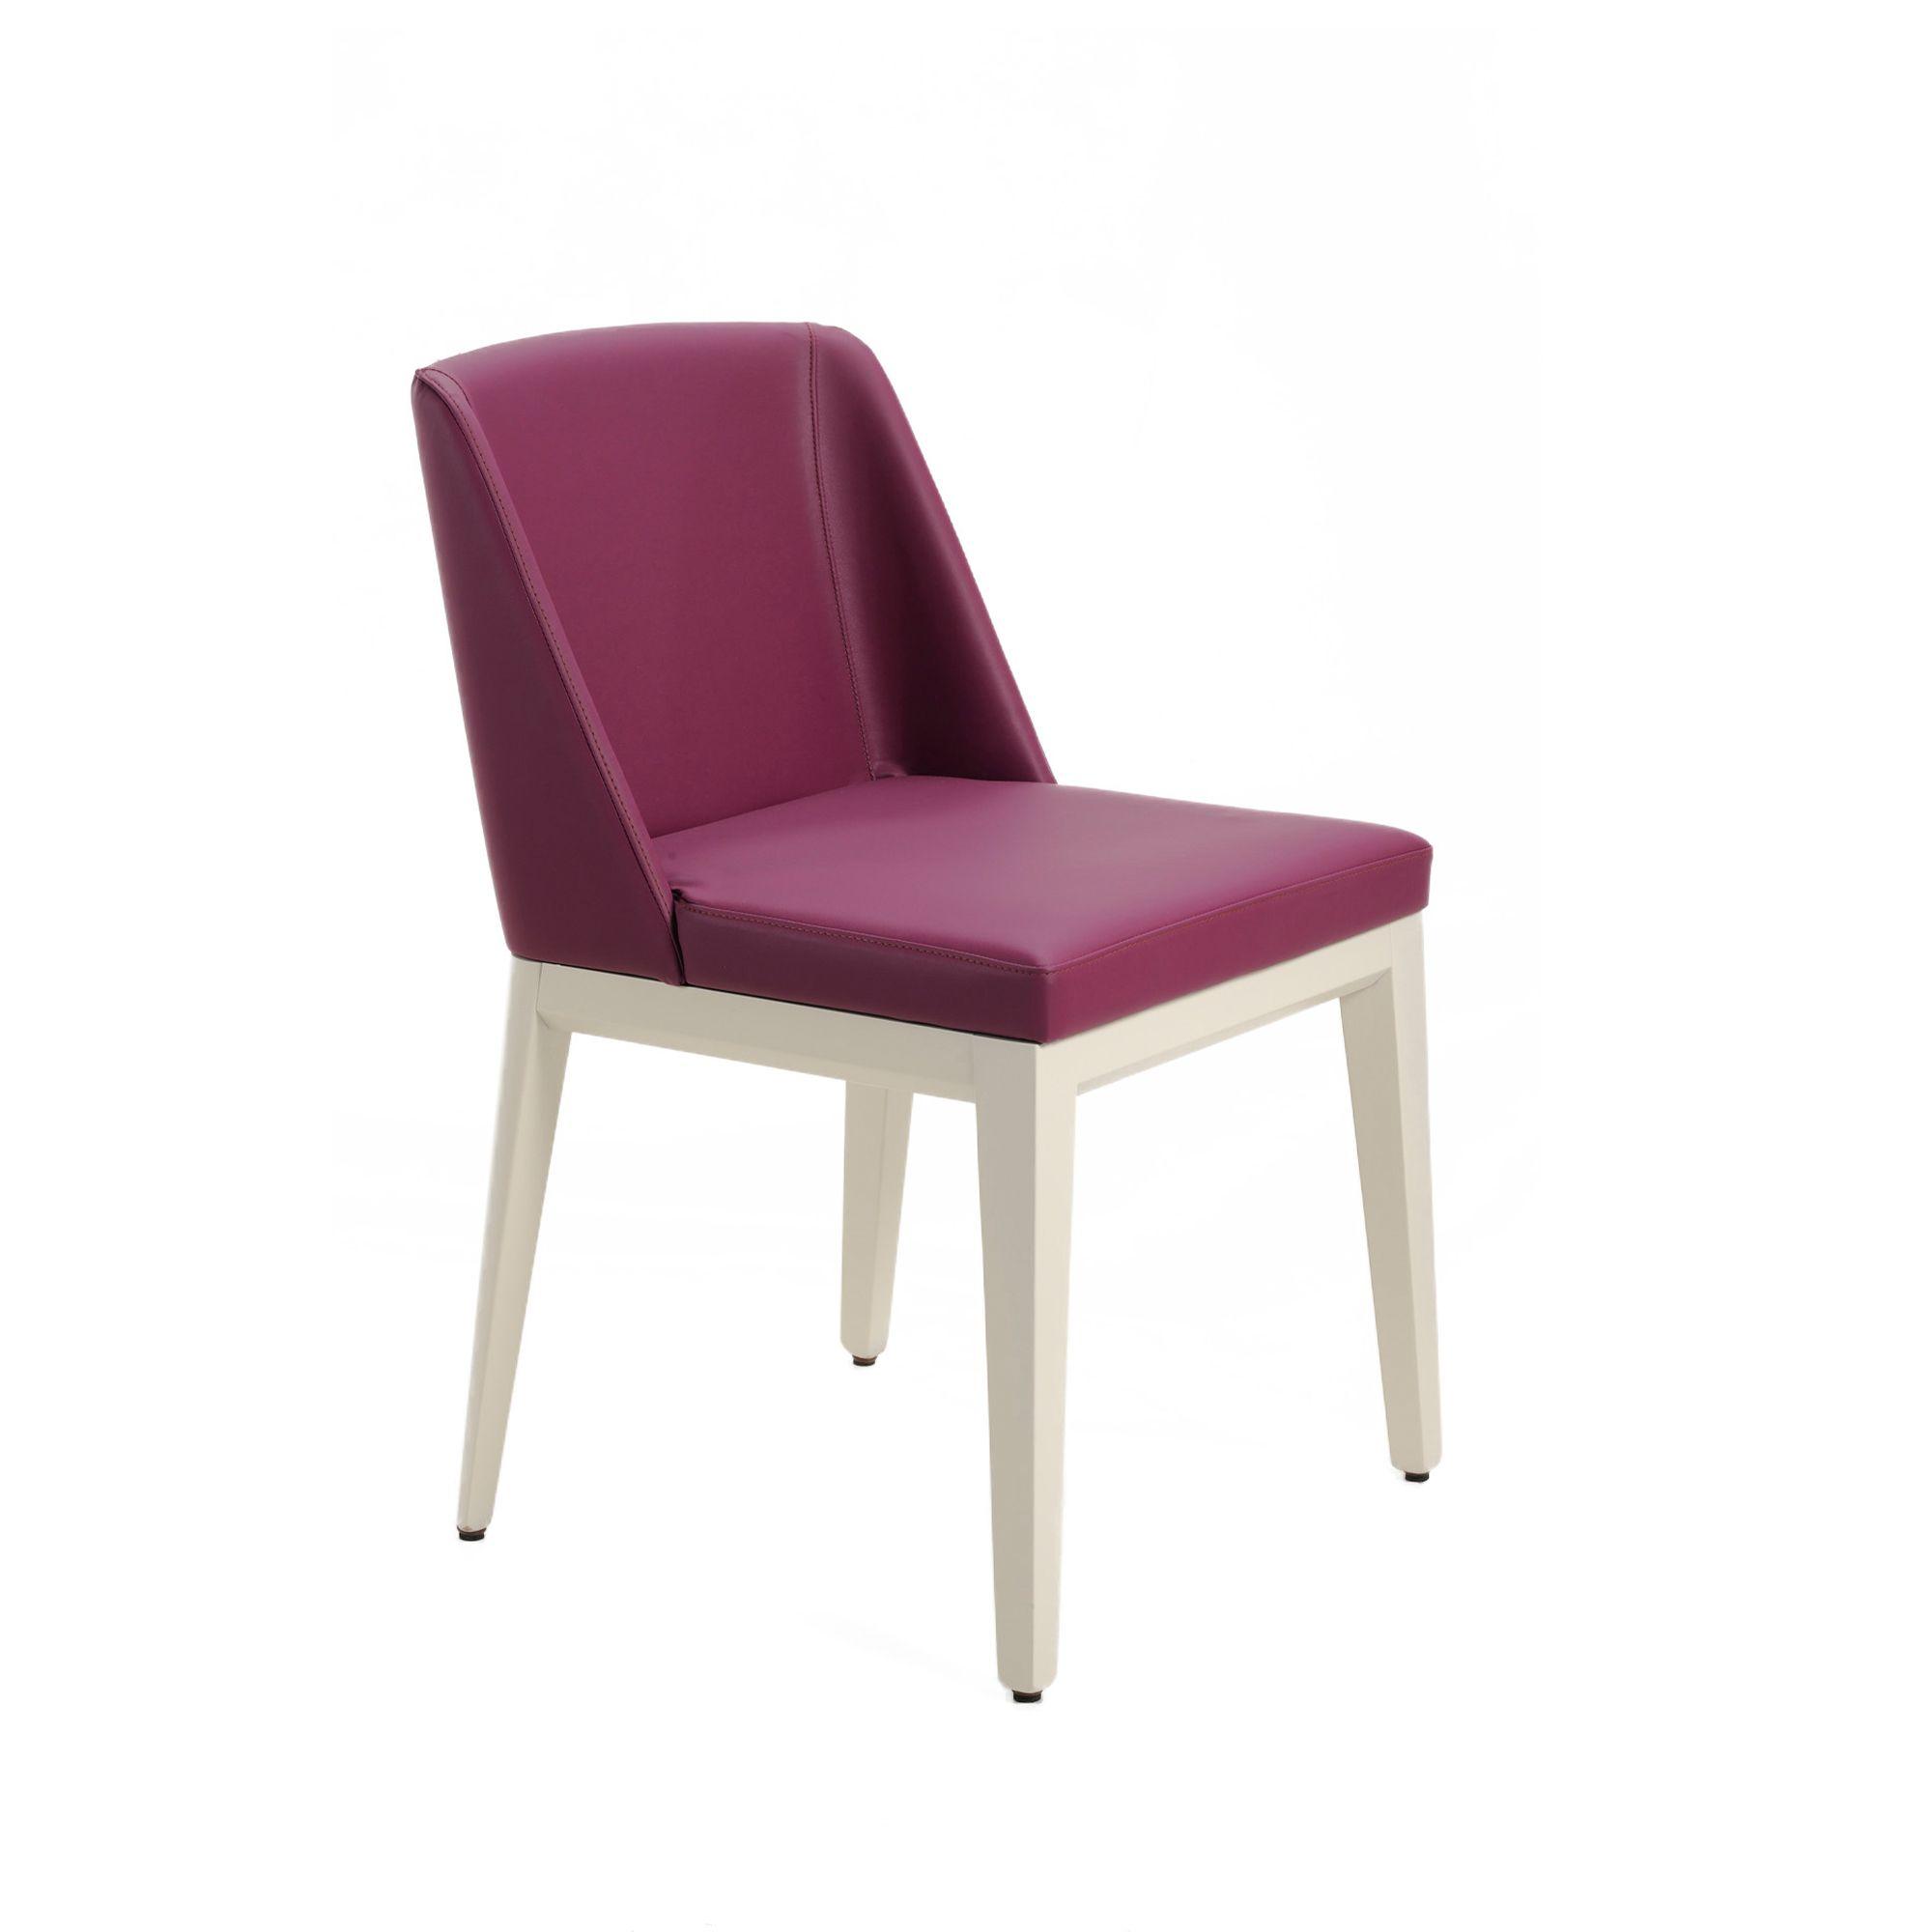 Sedia stile in stile modello 850